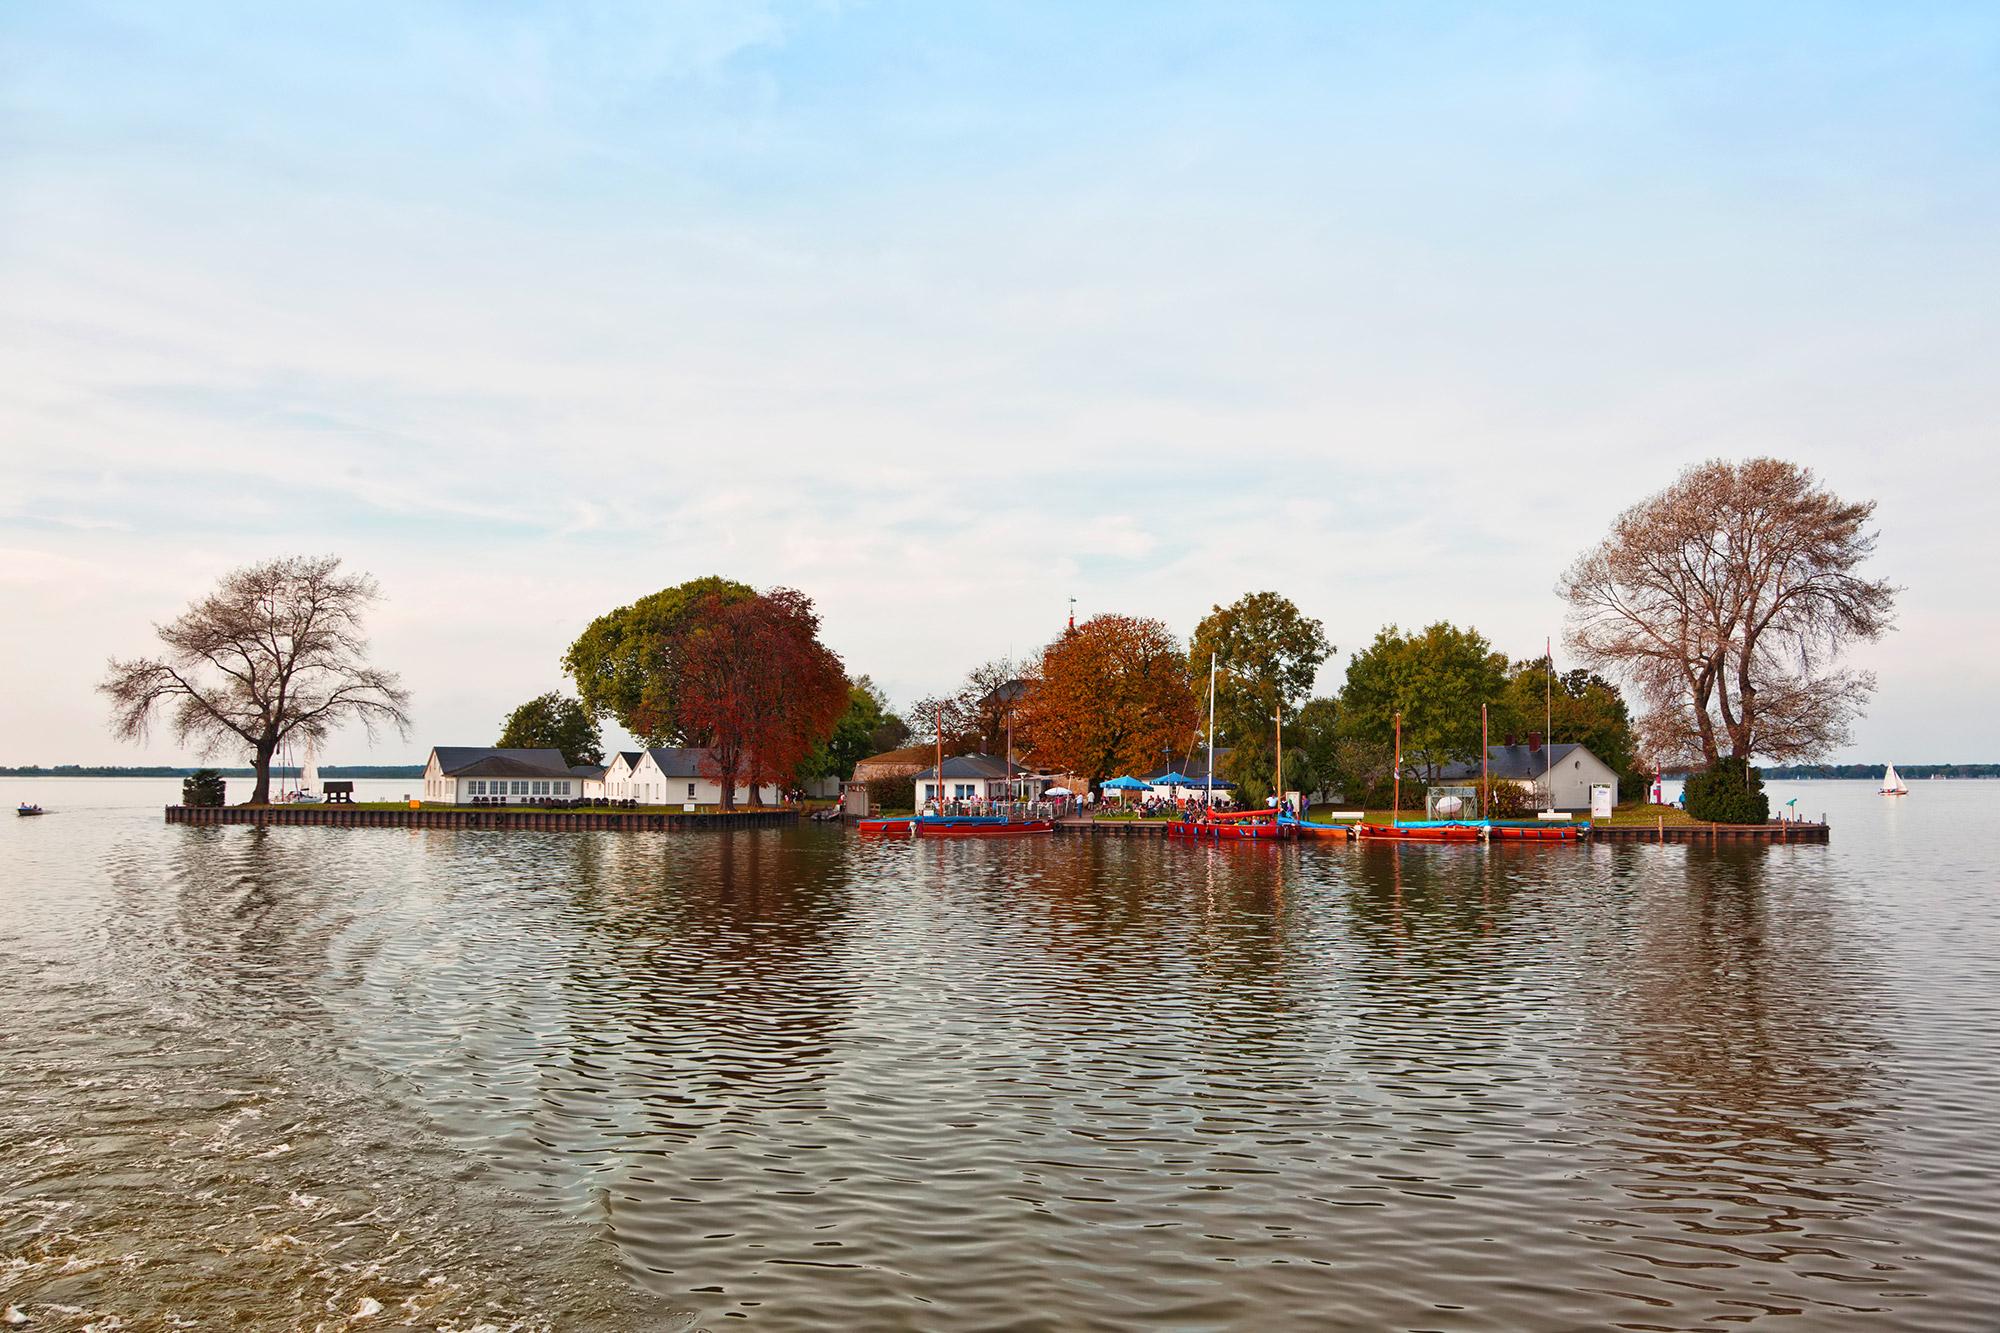 Île artificielle sur un lac